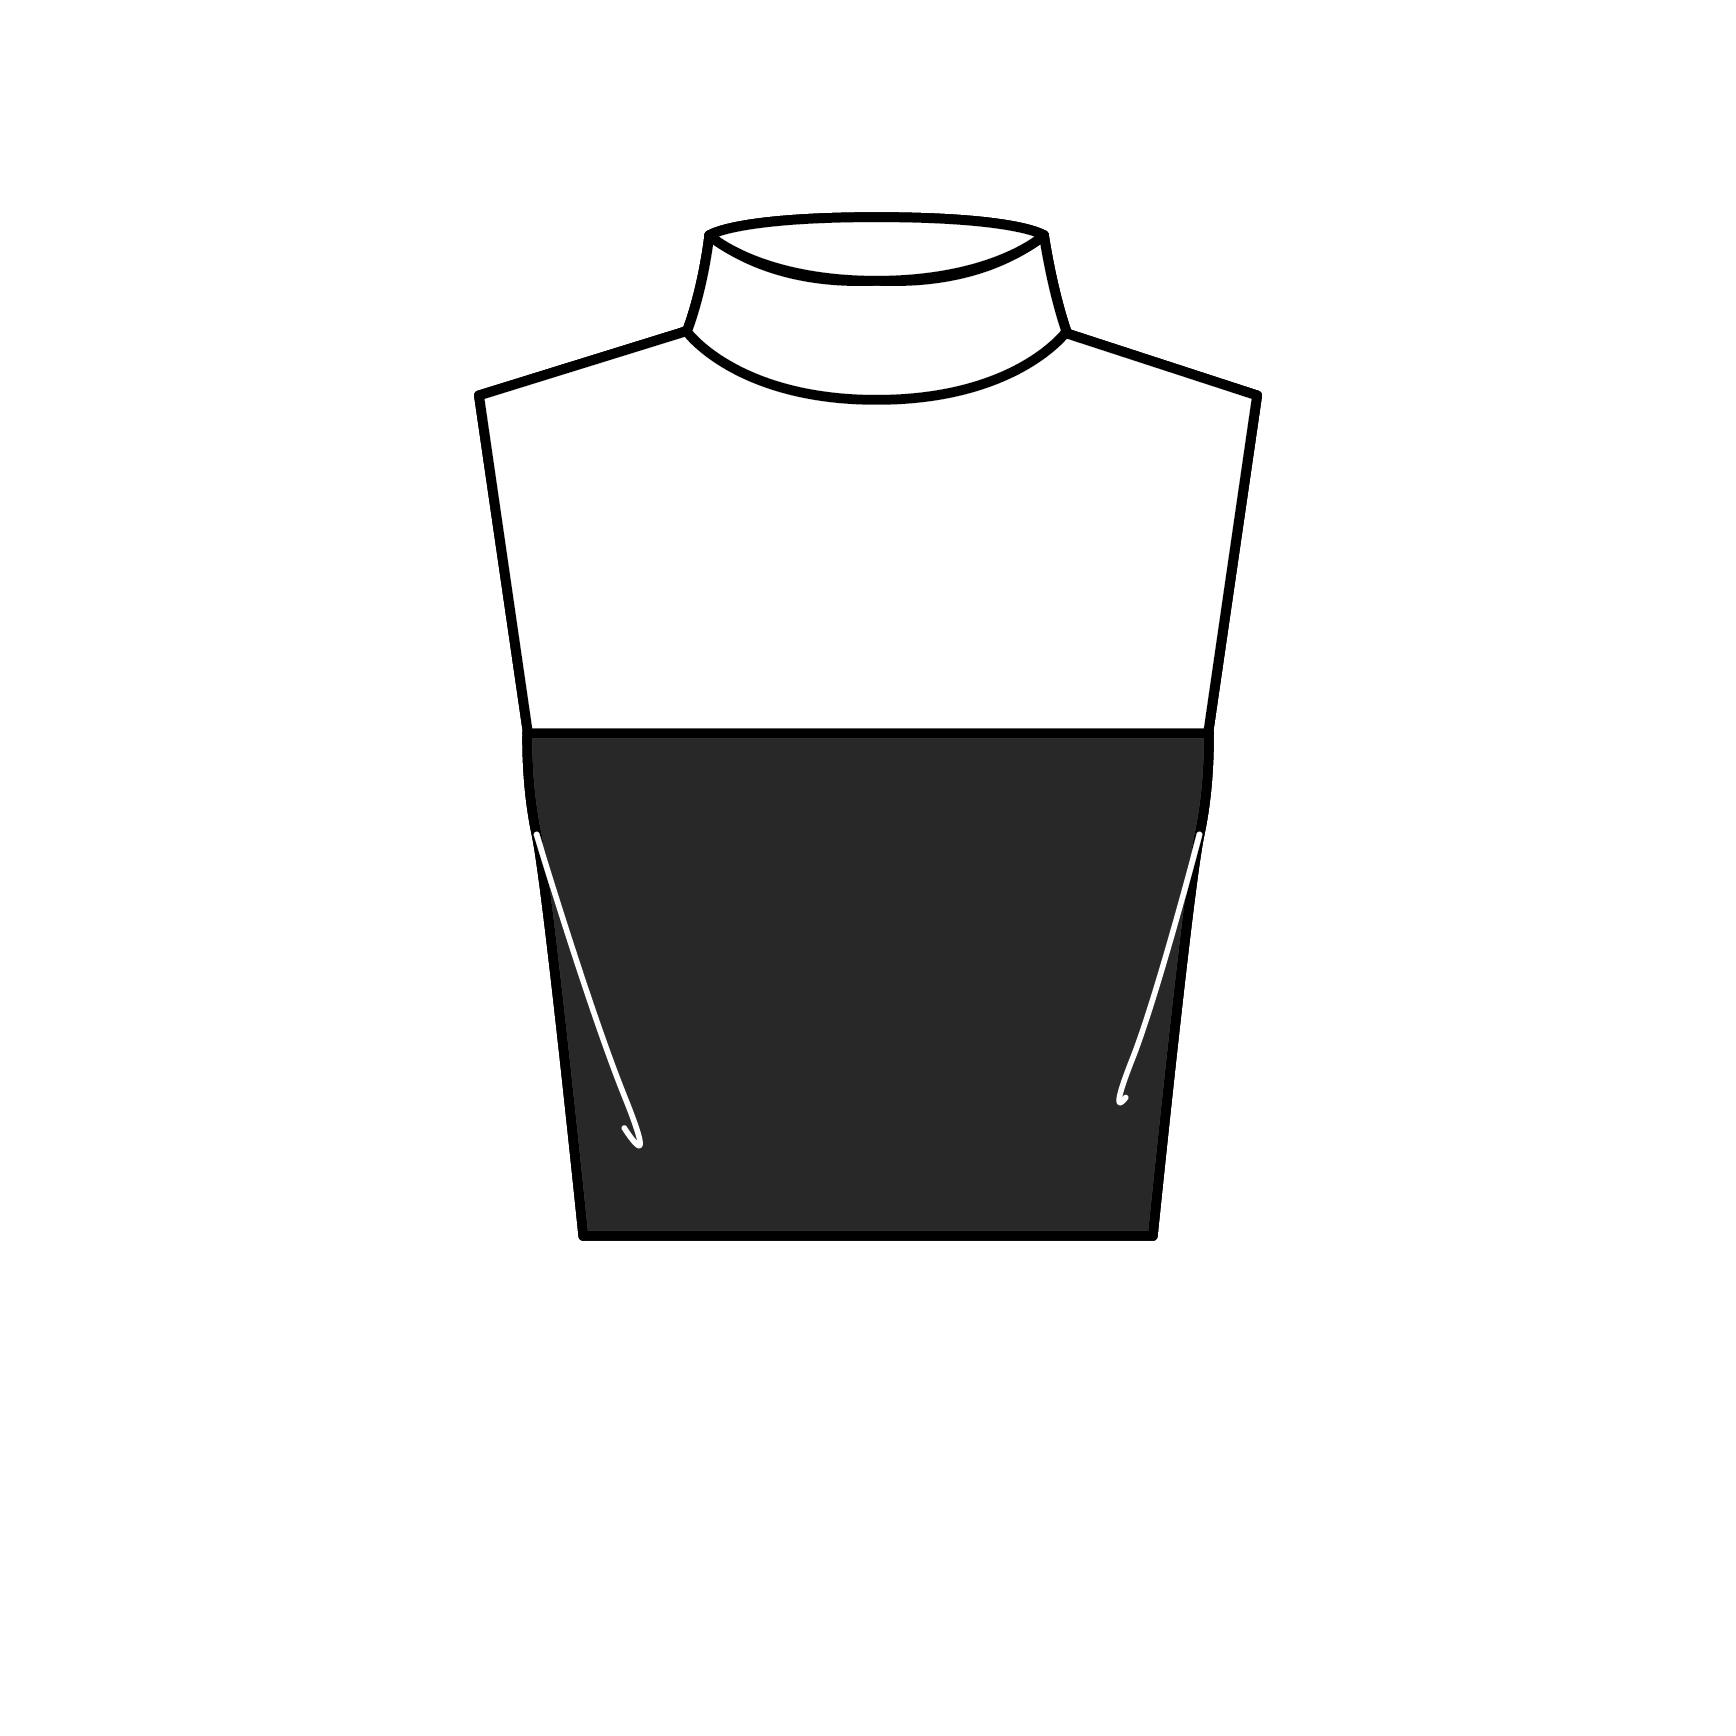 Flair Deco 11052801 2013/Anneaux avec Crochets courb/és pour tringles 28/mm de diam/ètre Contenu du Packaging Lot de 20/en Laiton de Couleur en Plastique